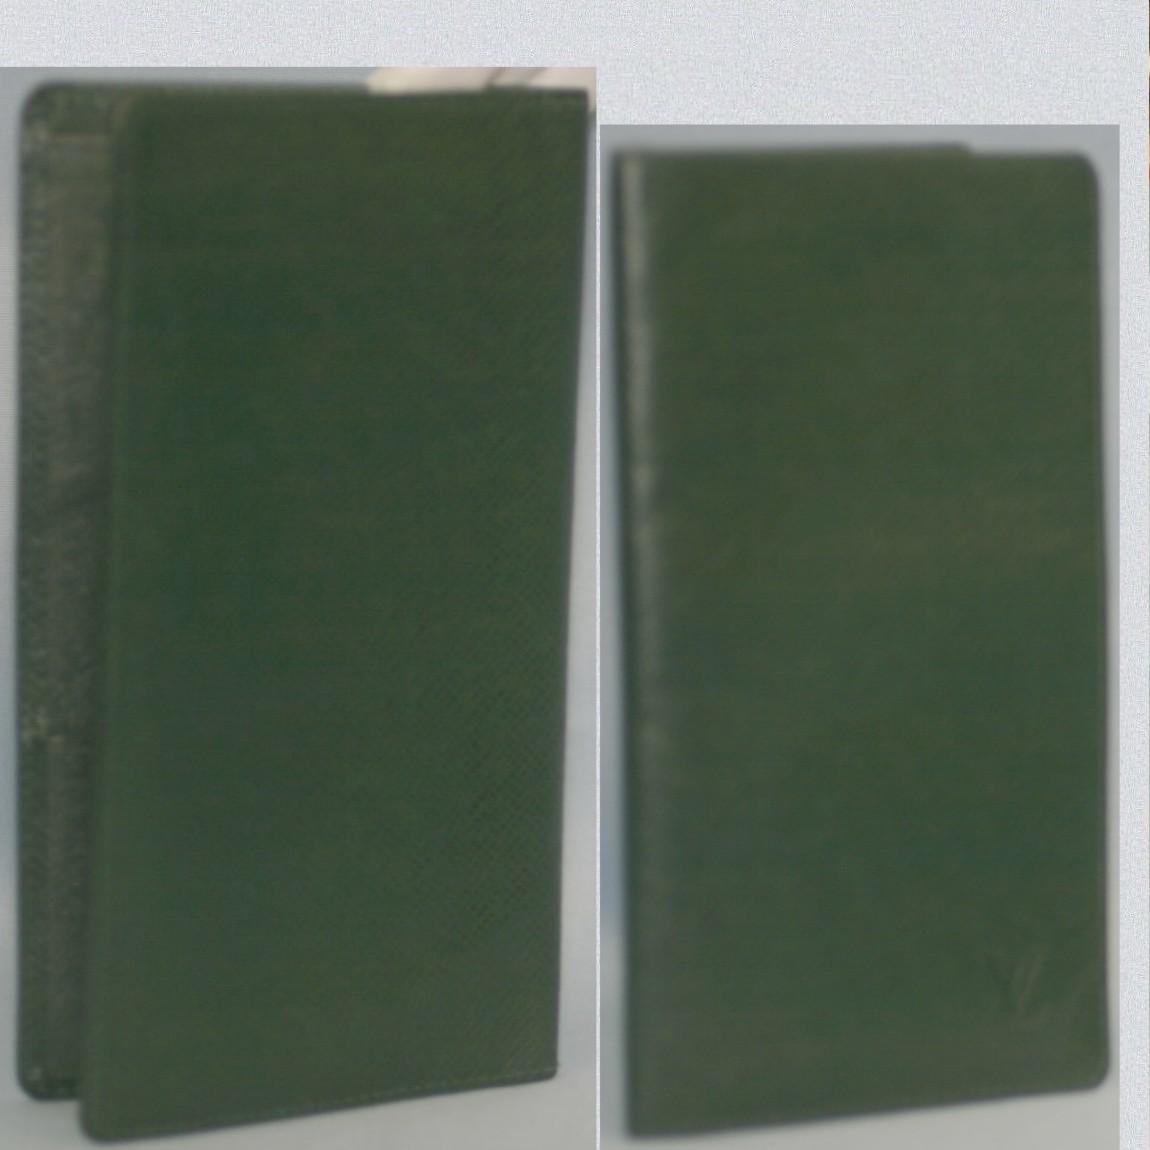 【中古】本物L/Vタイガのエピセア【深緑色】紳士用18センチ2つ折長財布M30394 サイズ18x9,5cm